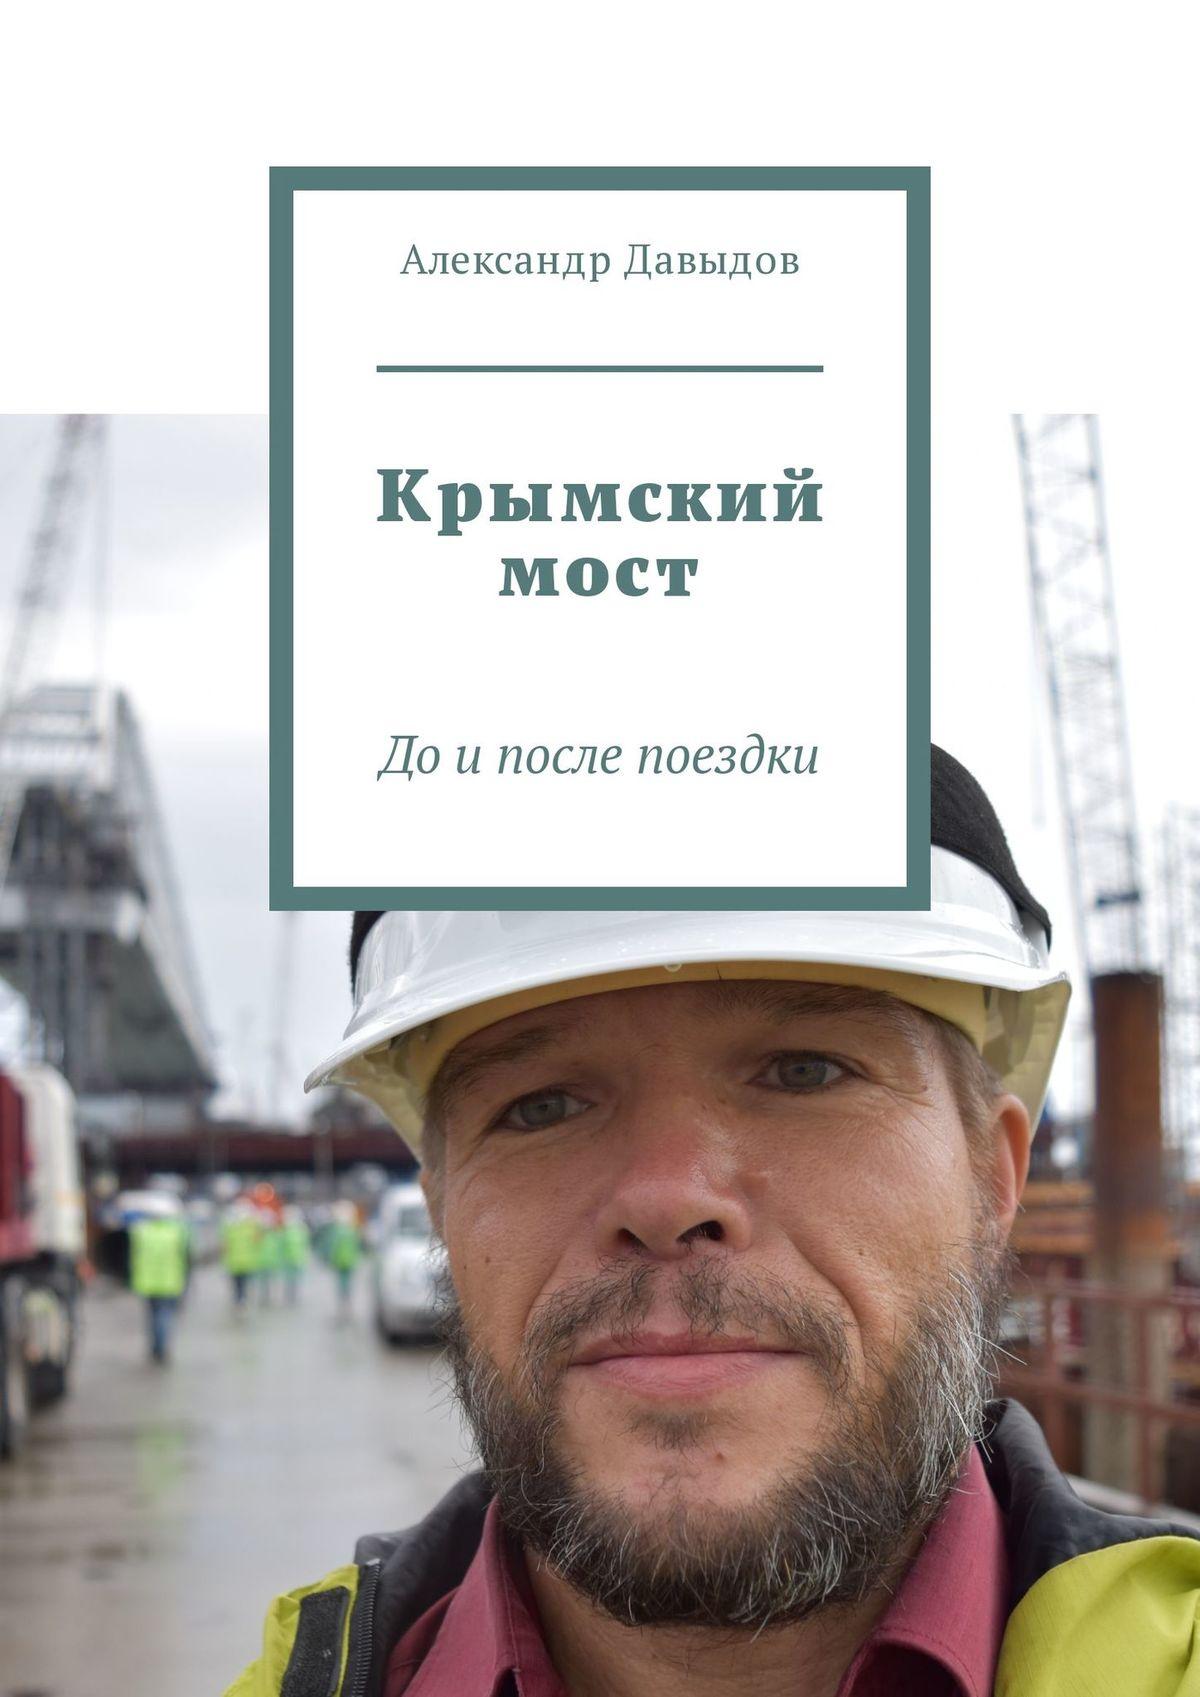 Александр Давыдов Крымский мост. До и после поездки цена